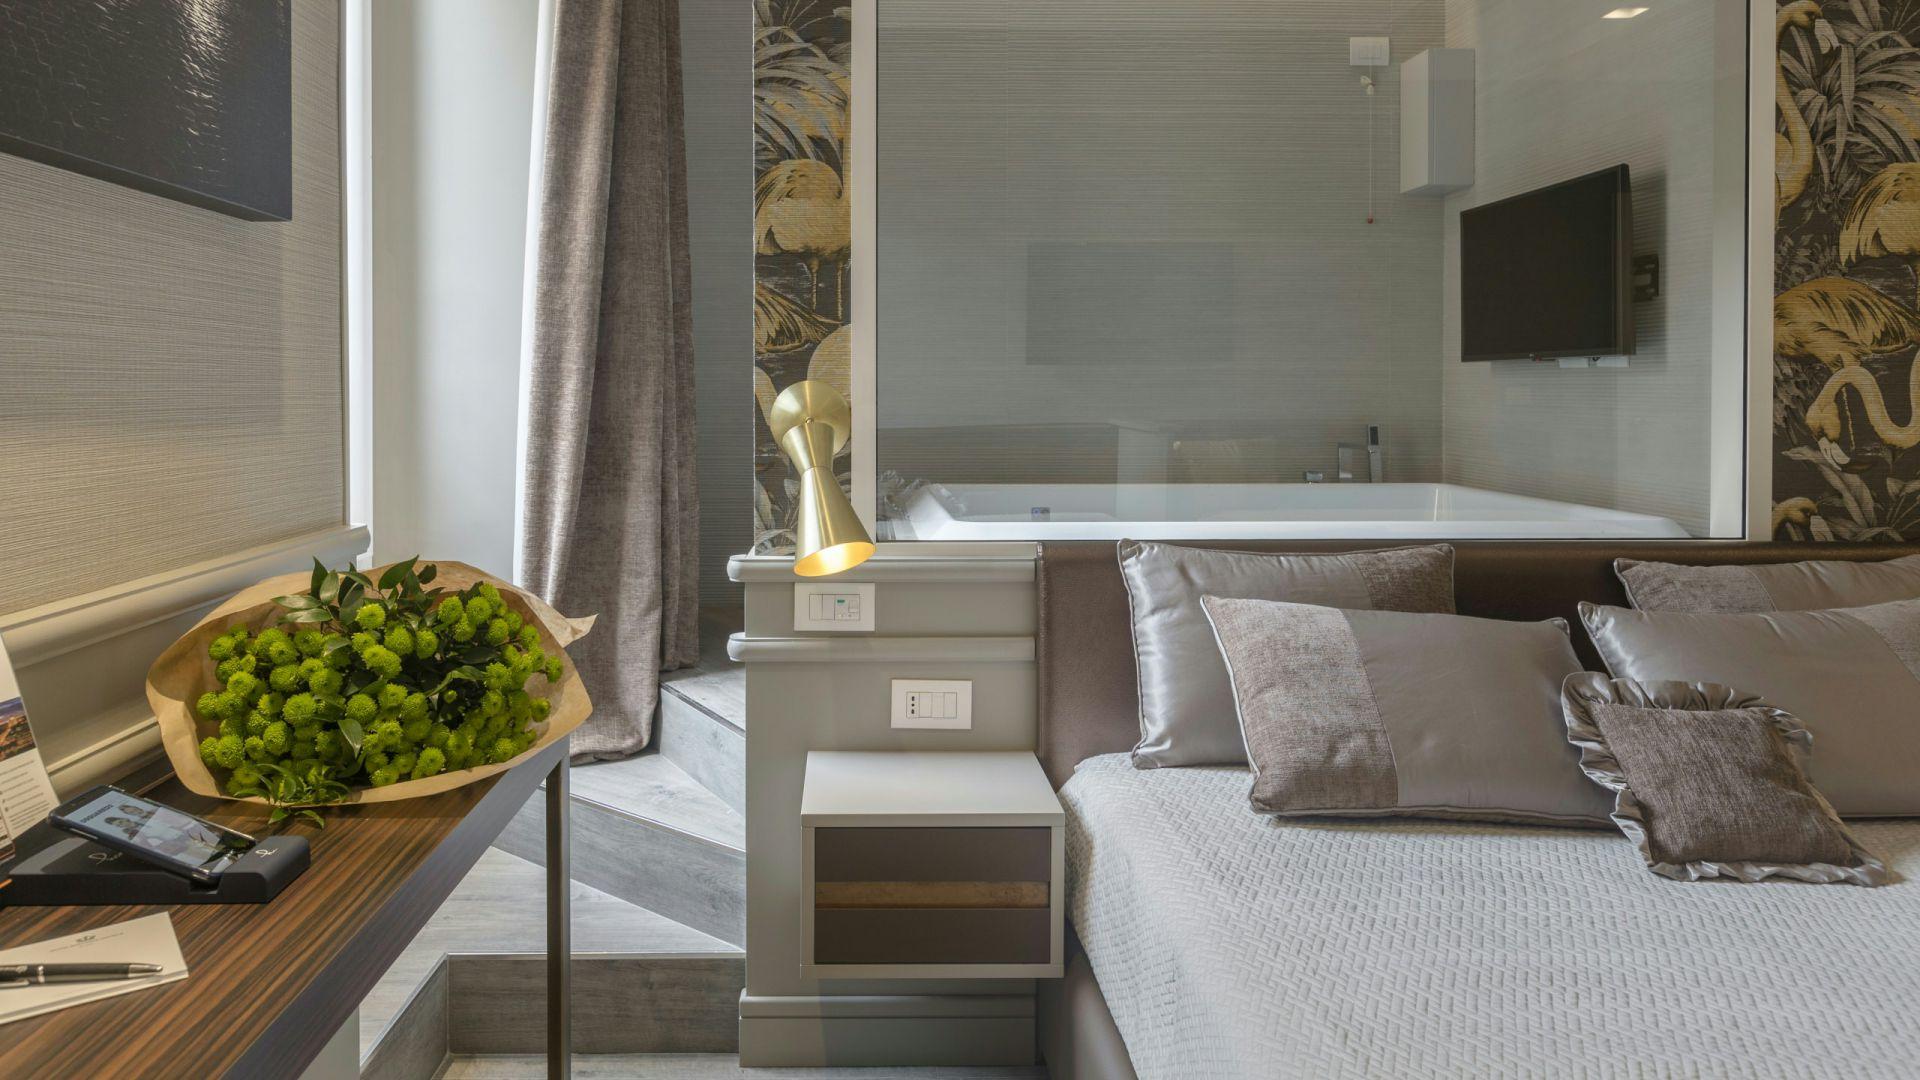 San-Carlo-Suite-Rome-kingcity-suite-9351